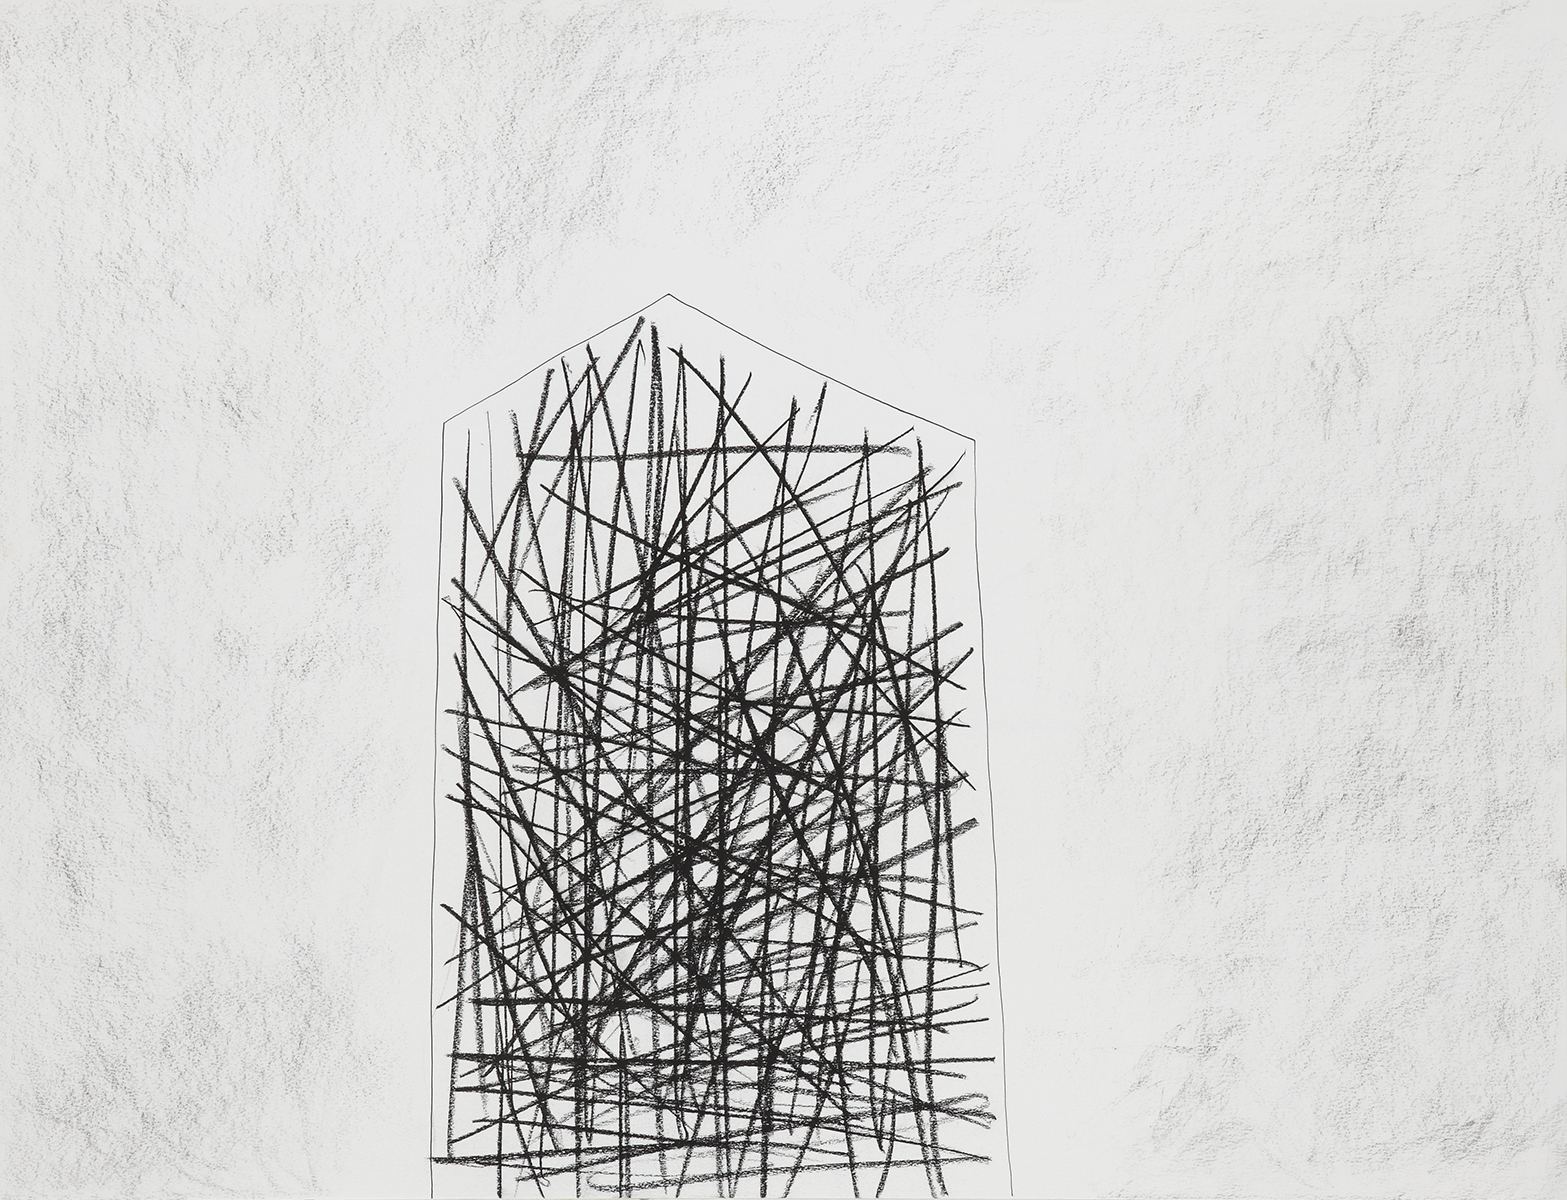 Huis 14 - Oost-Indische inkt & houtskool - 50 x 70 cm